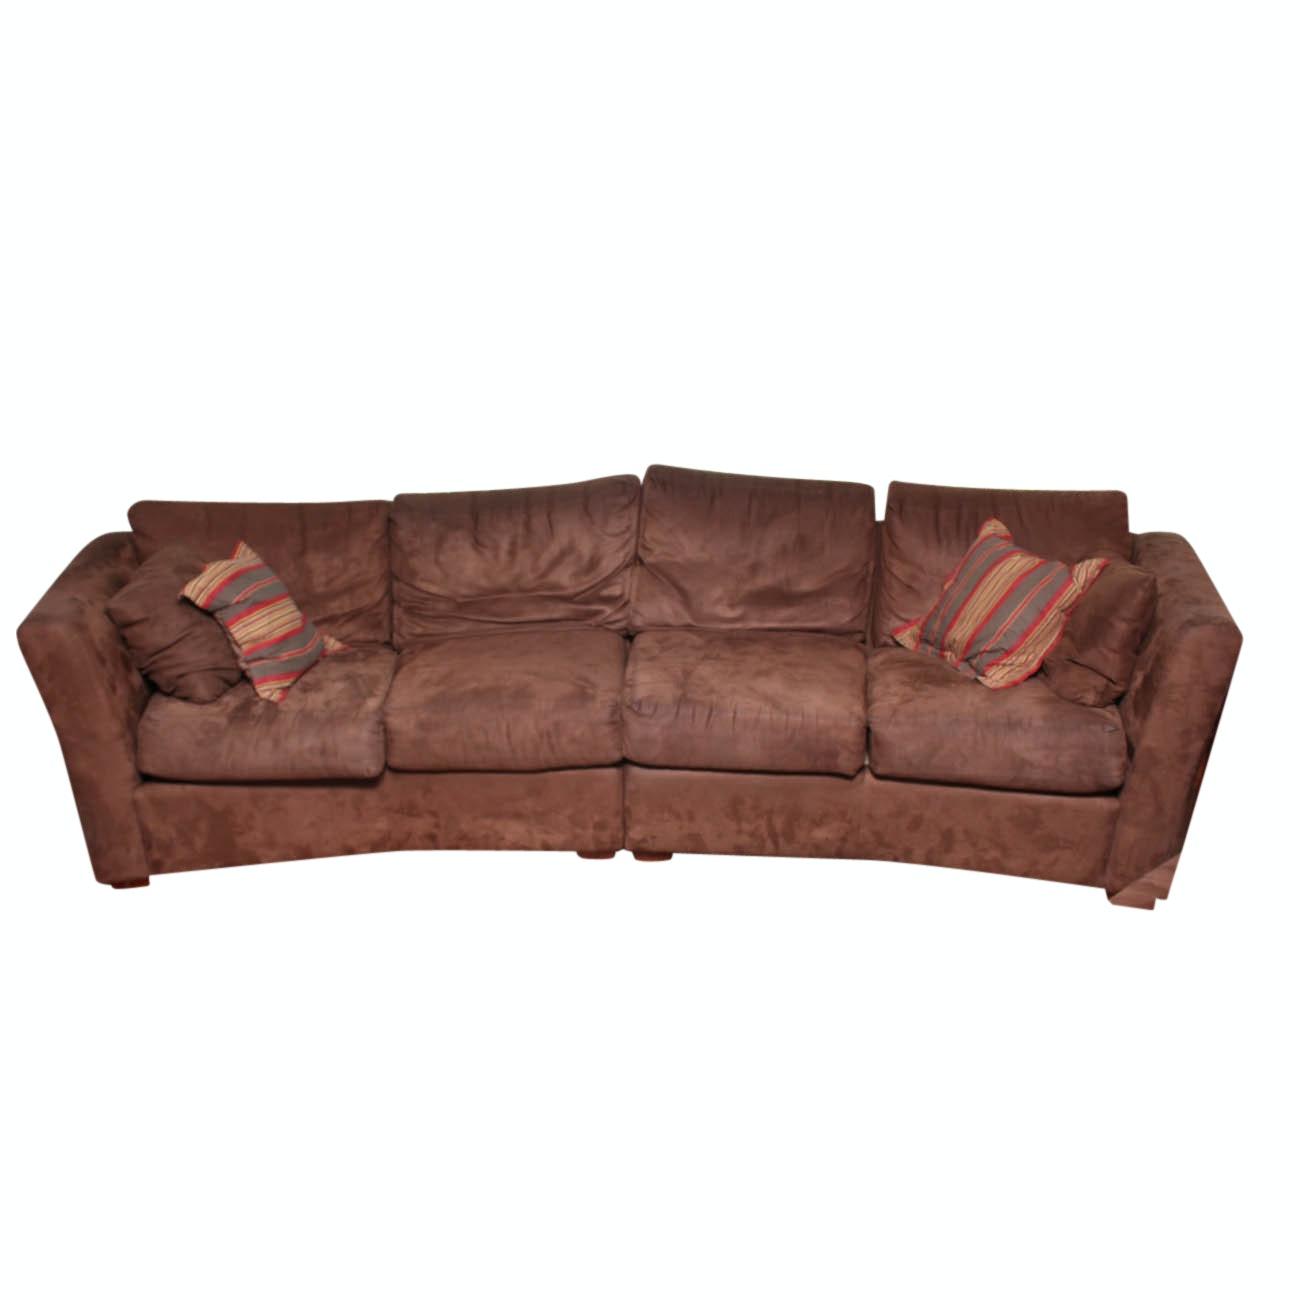 Sofa Express Sectional Sofa